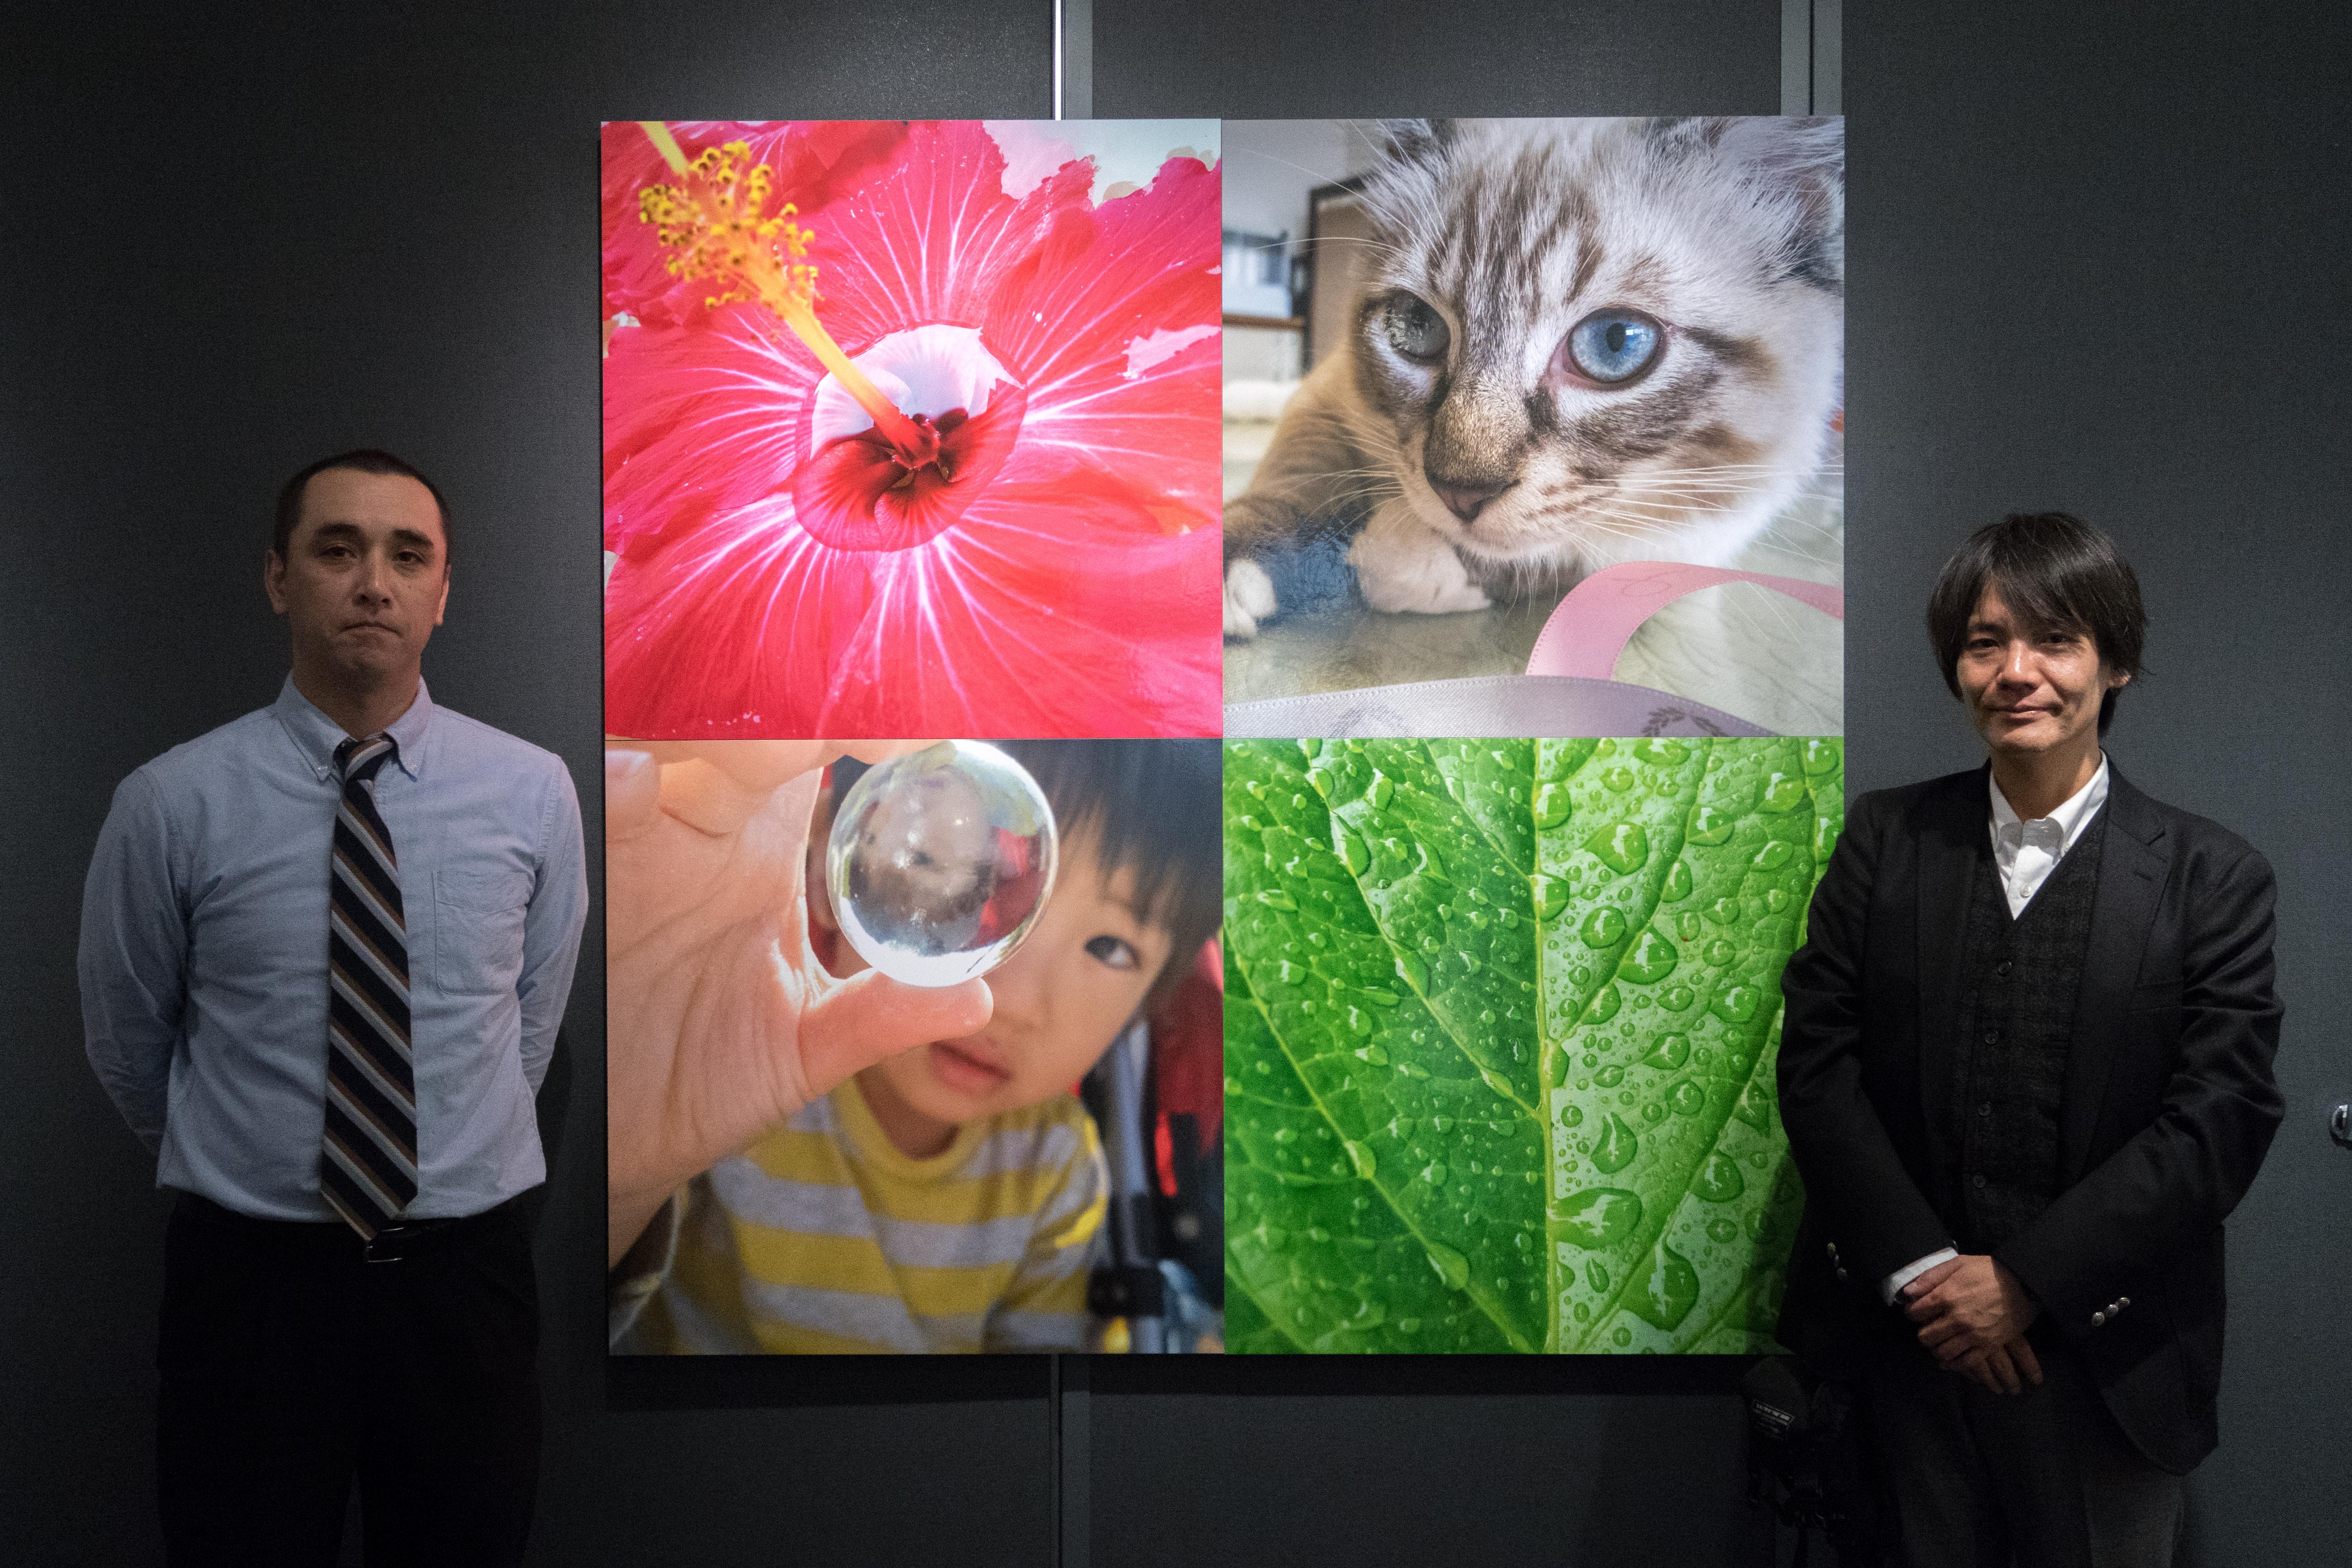 右が作品を撮影したフォトグラファーの黒田智之さん。左はプリントを担当した富士フォトギャラリー銀座の伊藤玄司さん(富士フイルム イメージングシステムズ株式会社クリエイト営業部)